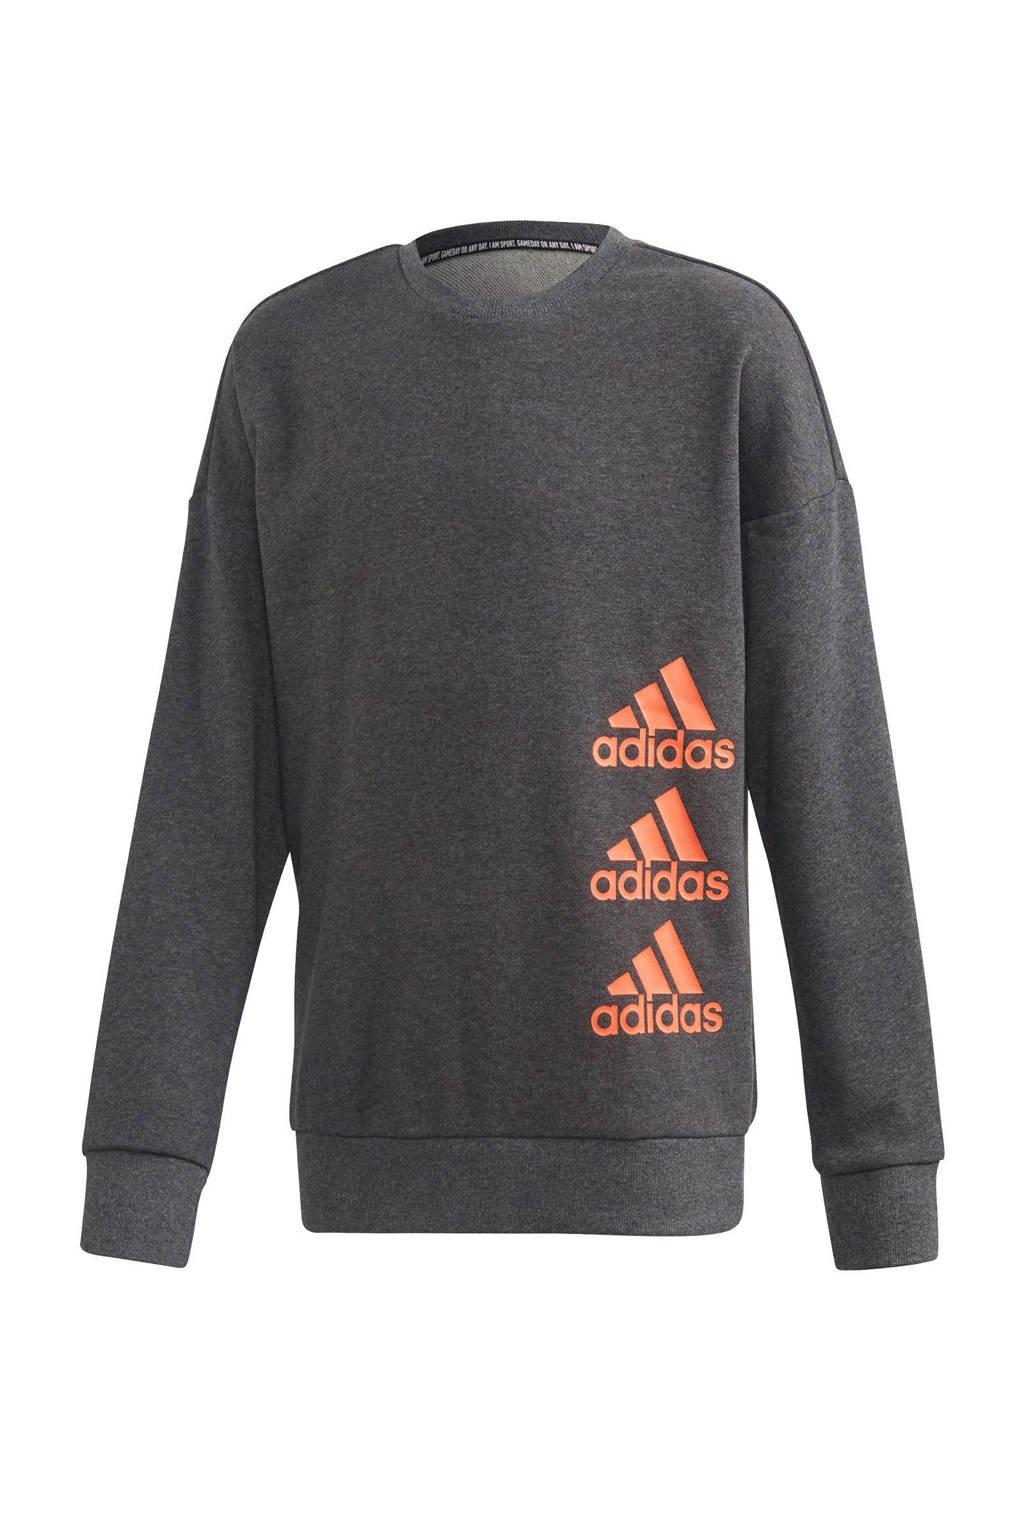 adidas sportsweater antraciet/oranje, Antraciet/oranje